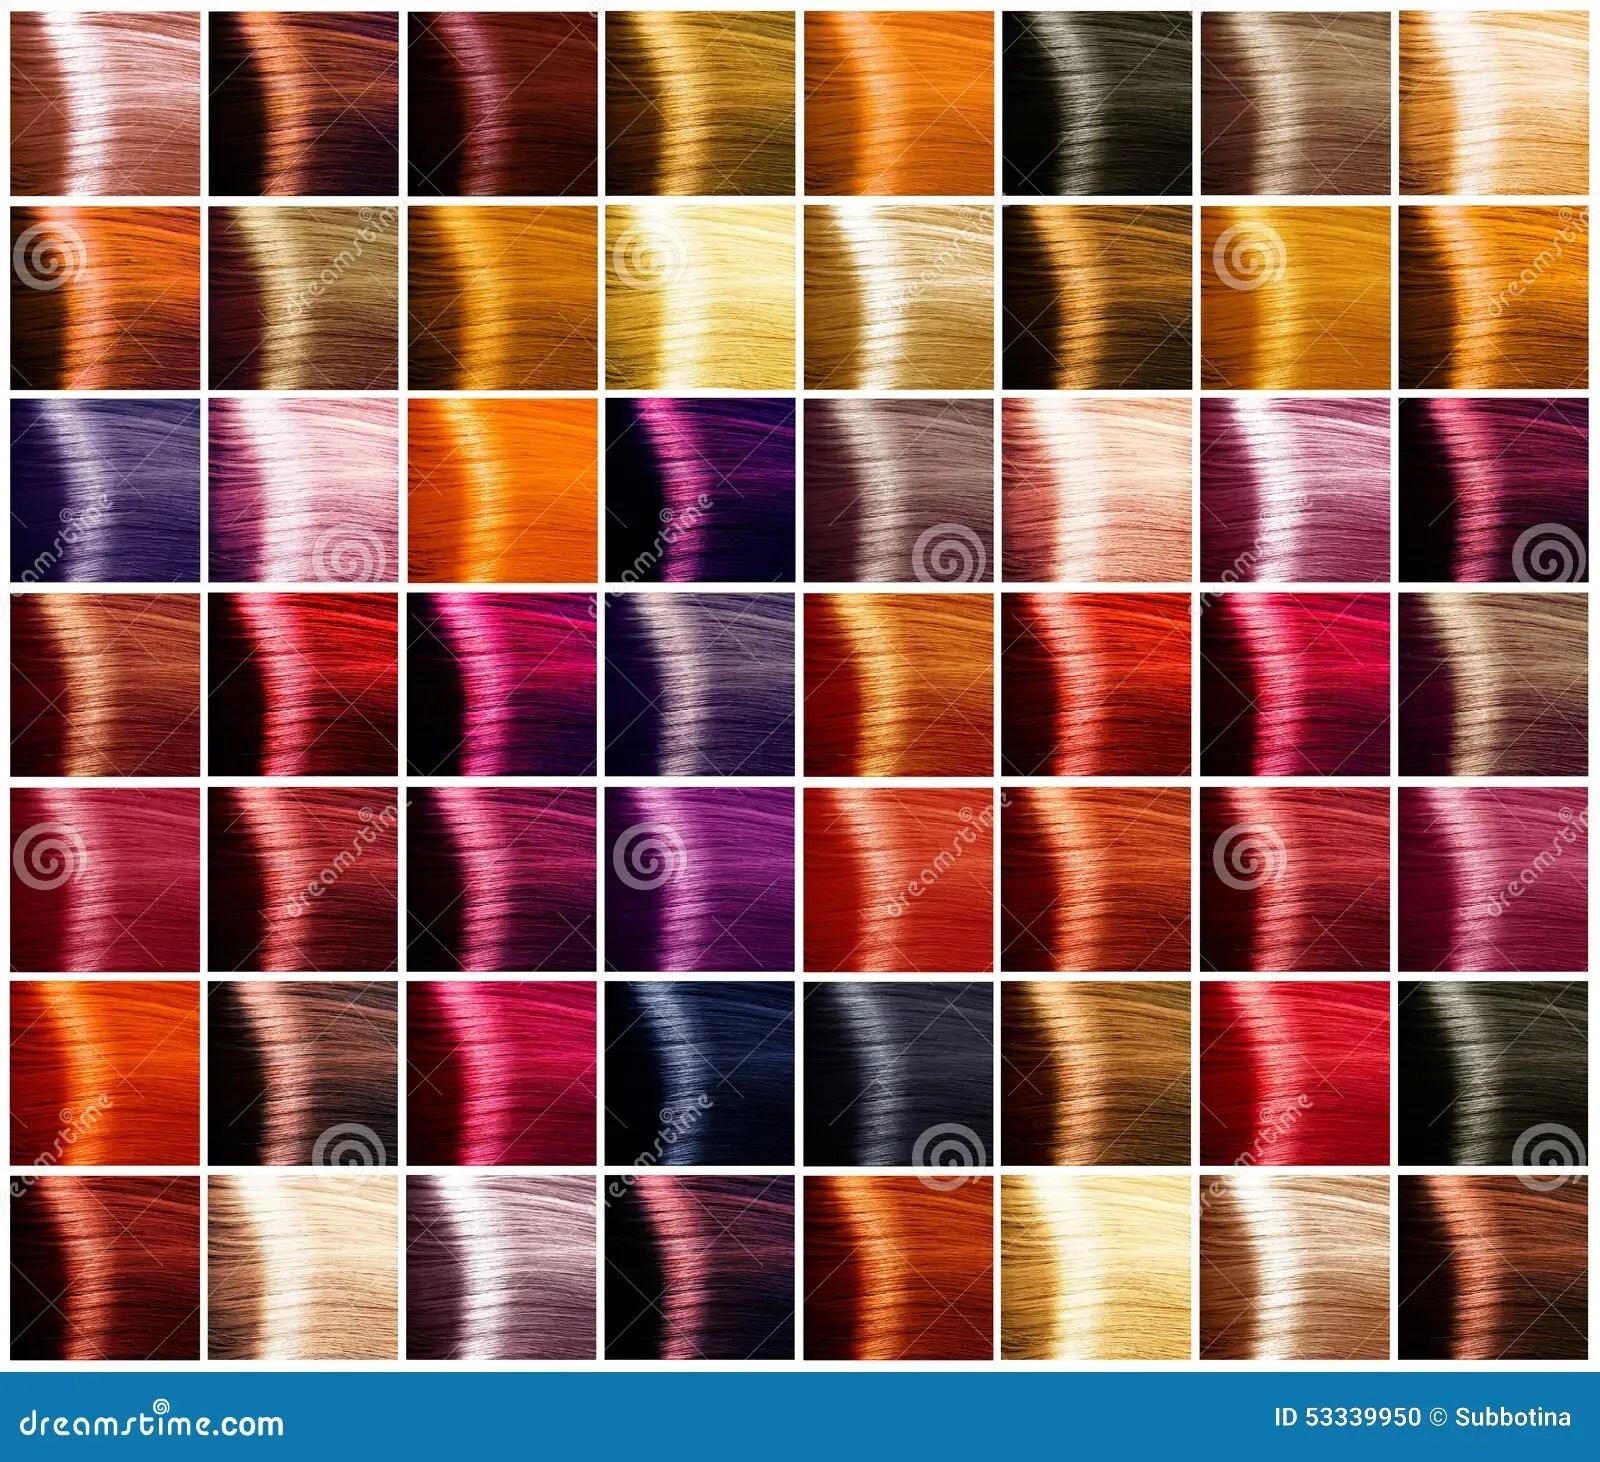 Palette De Couleurs De Cheveux Teintes Photo Stock Image